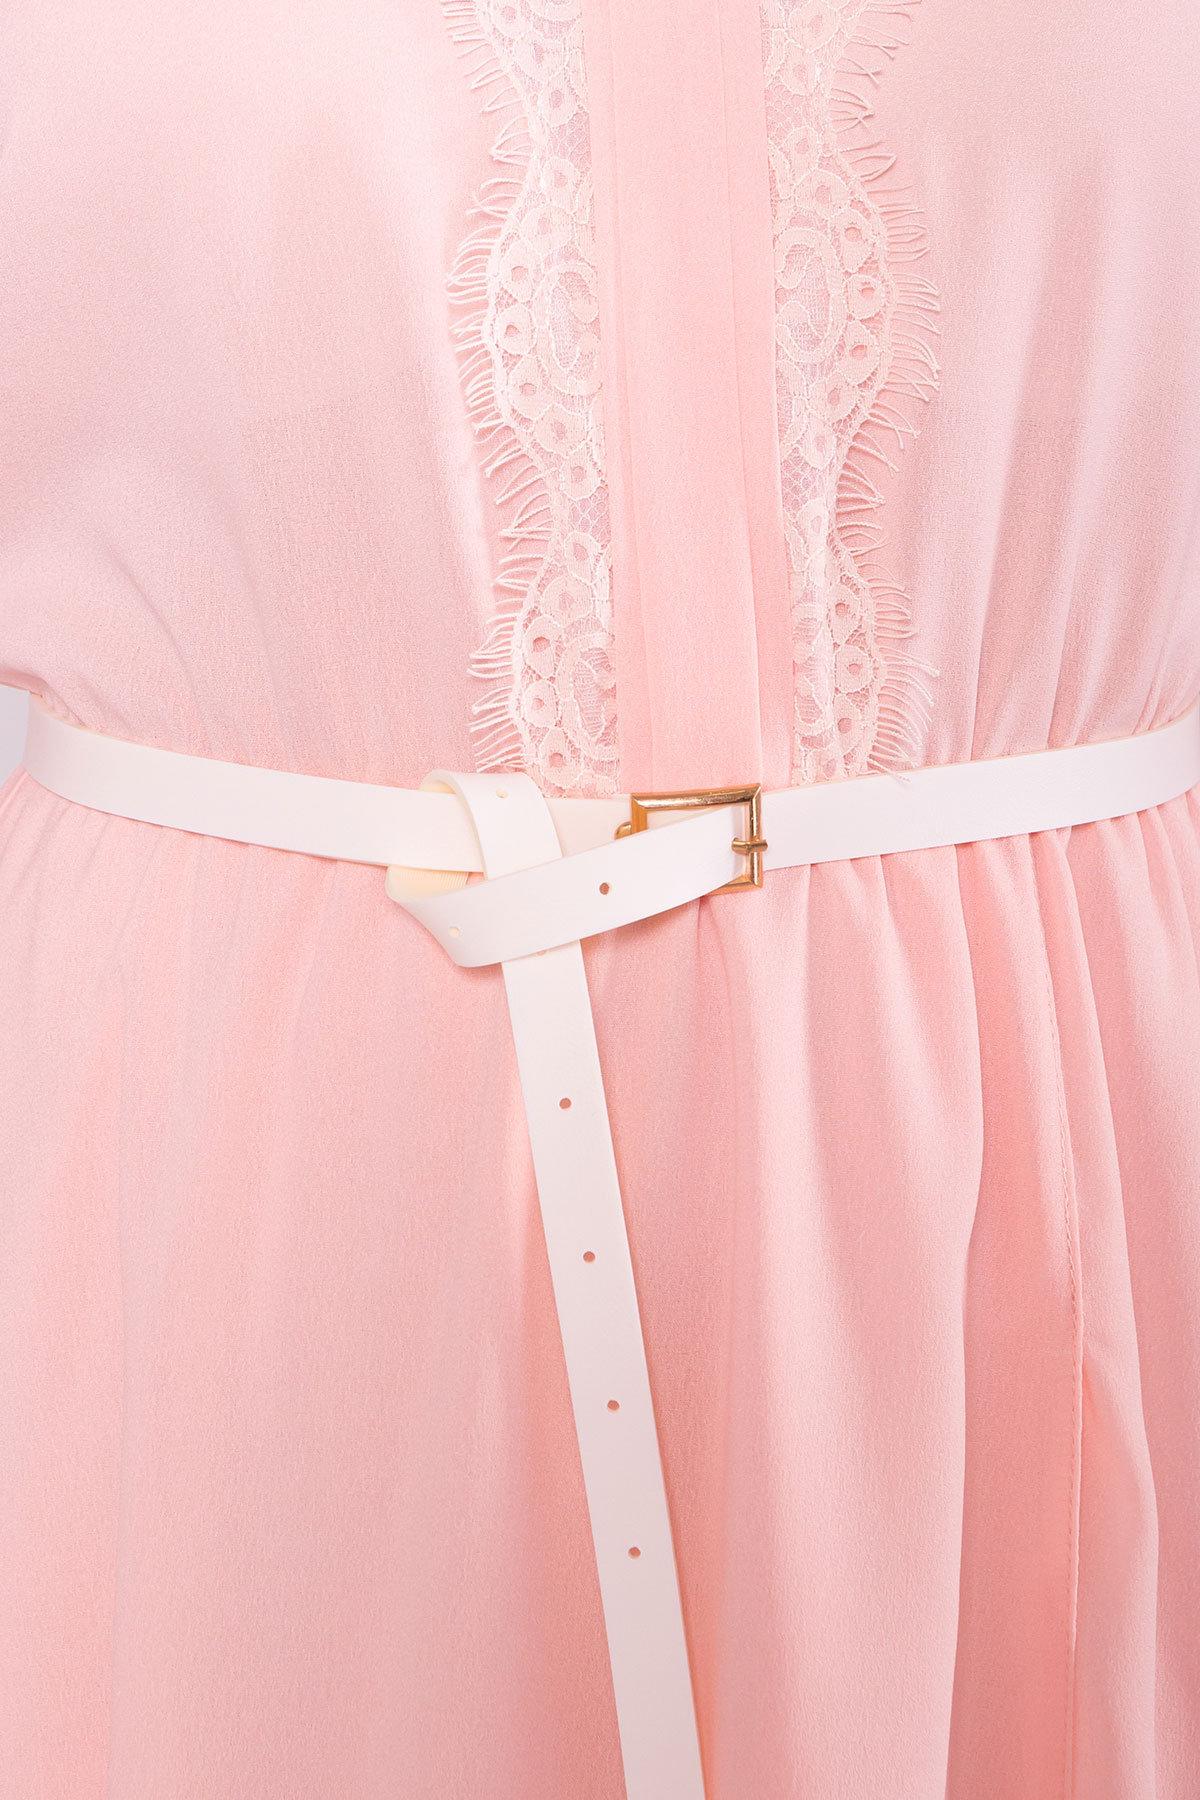 Платье Австралия 7333 АРТ. 43030 Цвет: Пудра Светлая - фото 5, интернет магазин tm-modus.ru